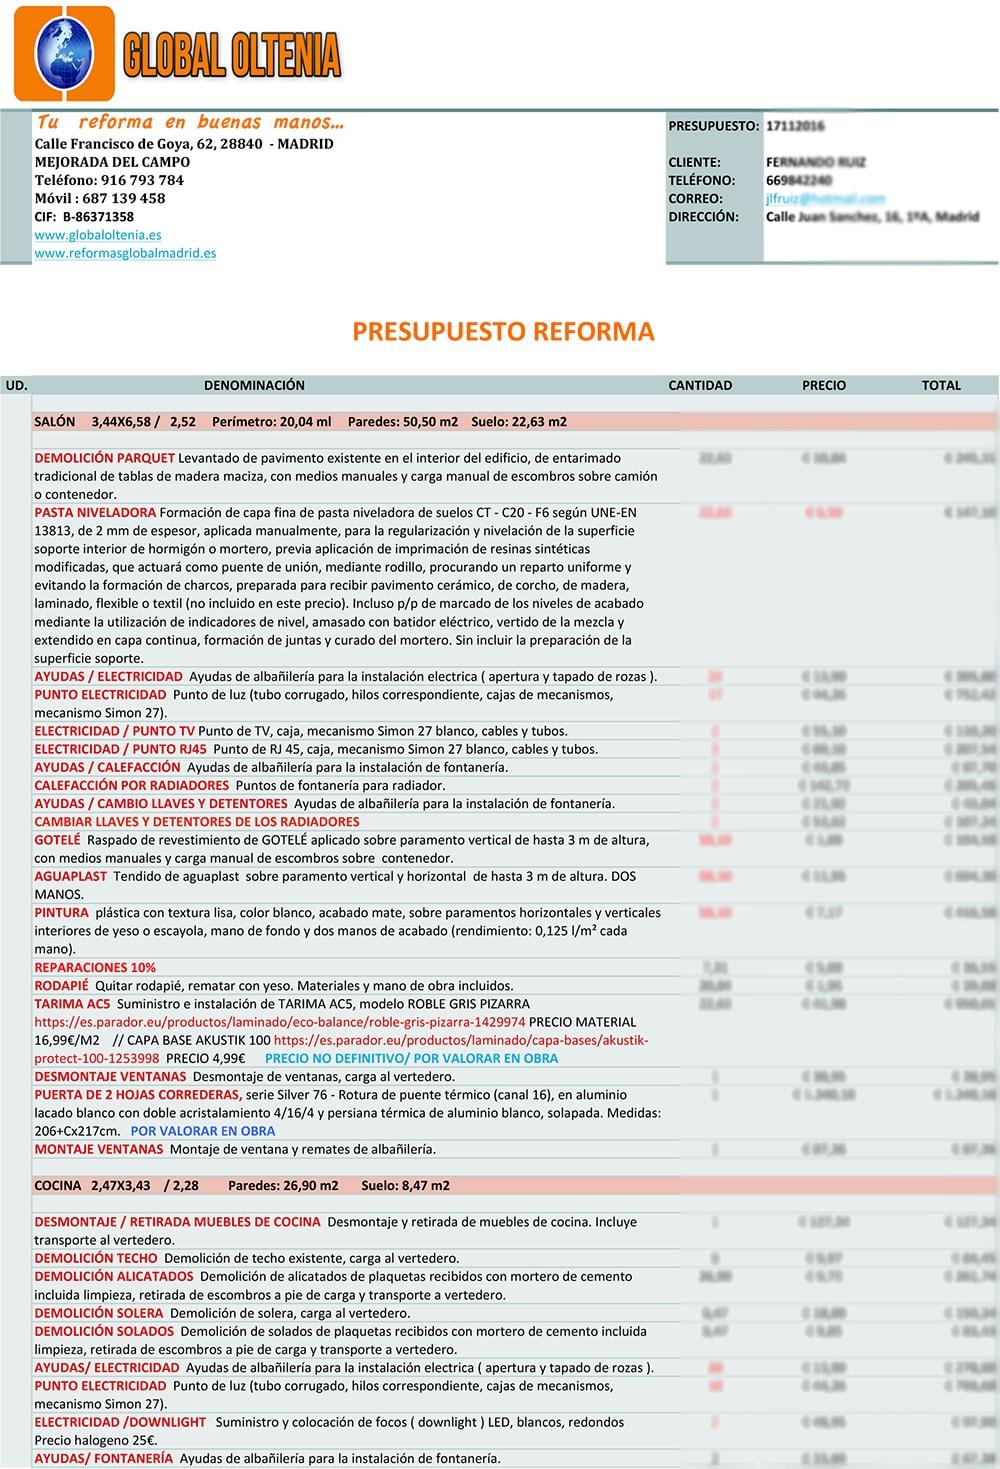 Precio Metro Cuadrado Reforma Amazing Edificalia